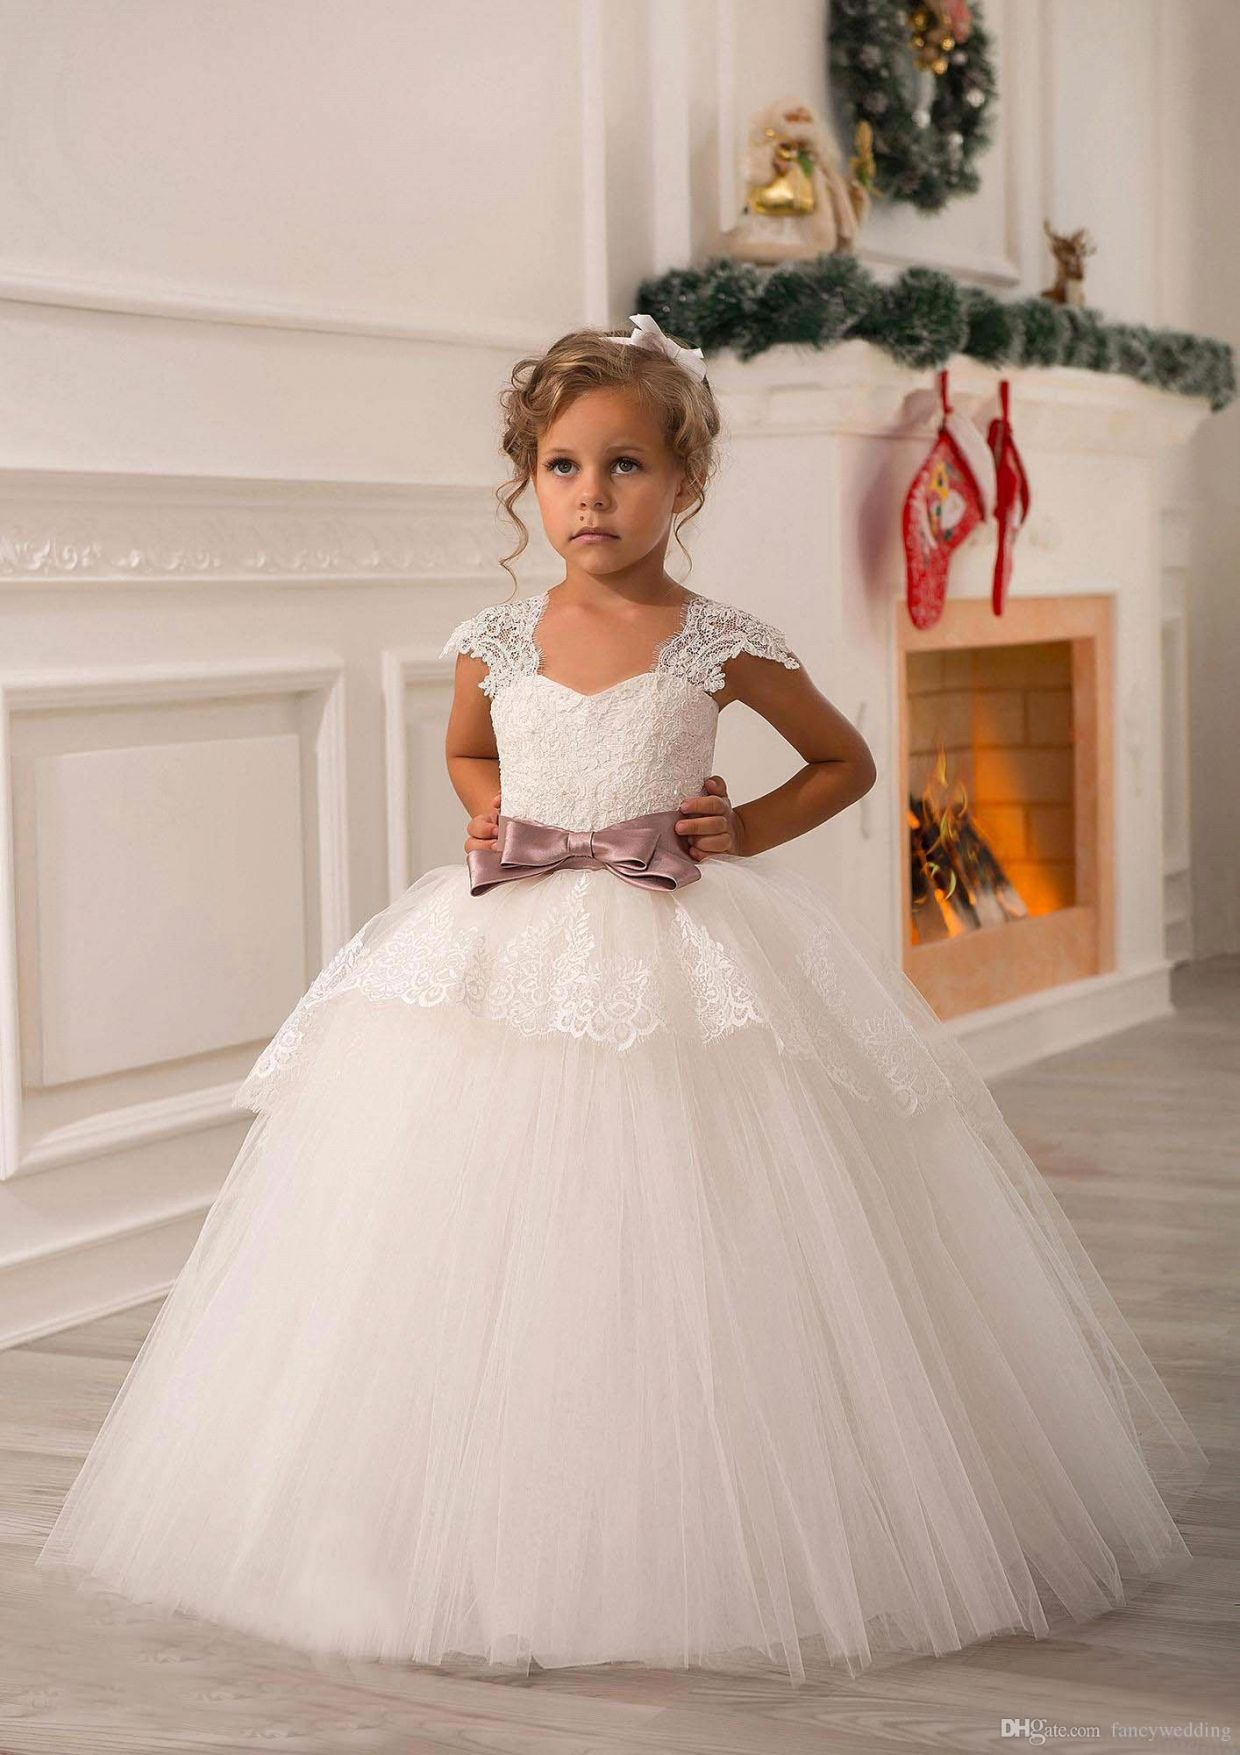 50+ Little Girls Dresses for Wedding - Wedding Dresses for the ...